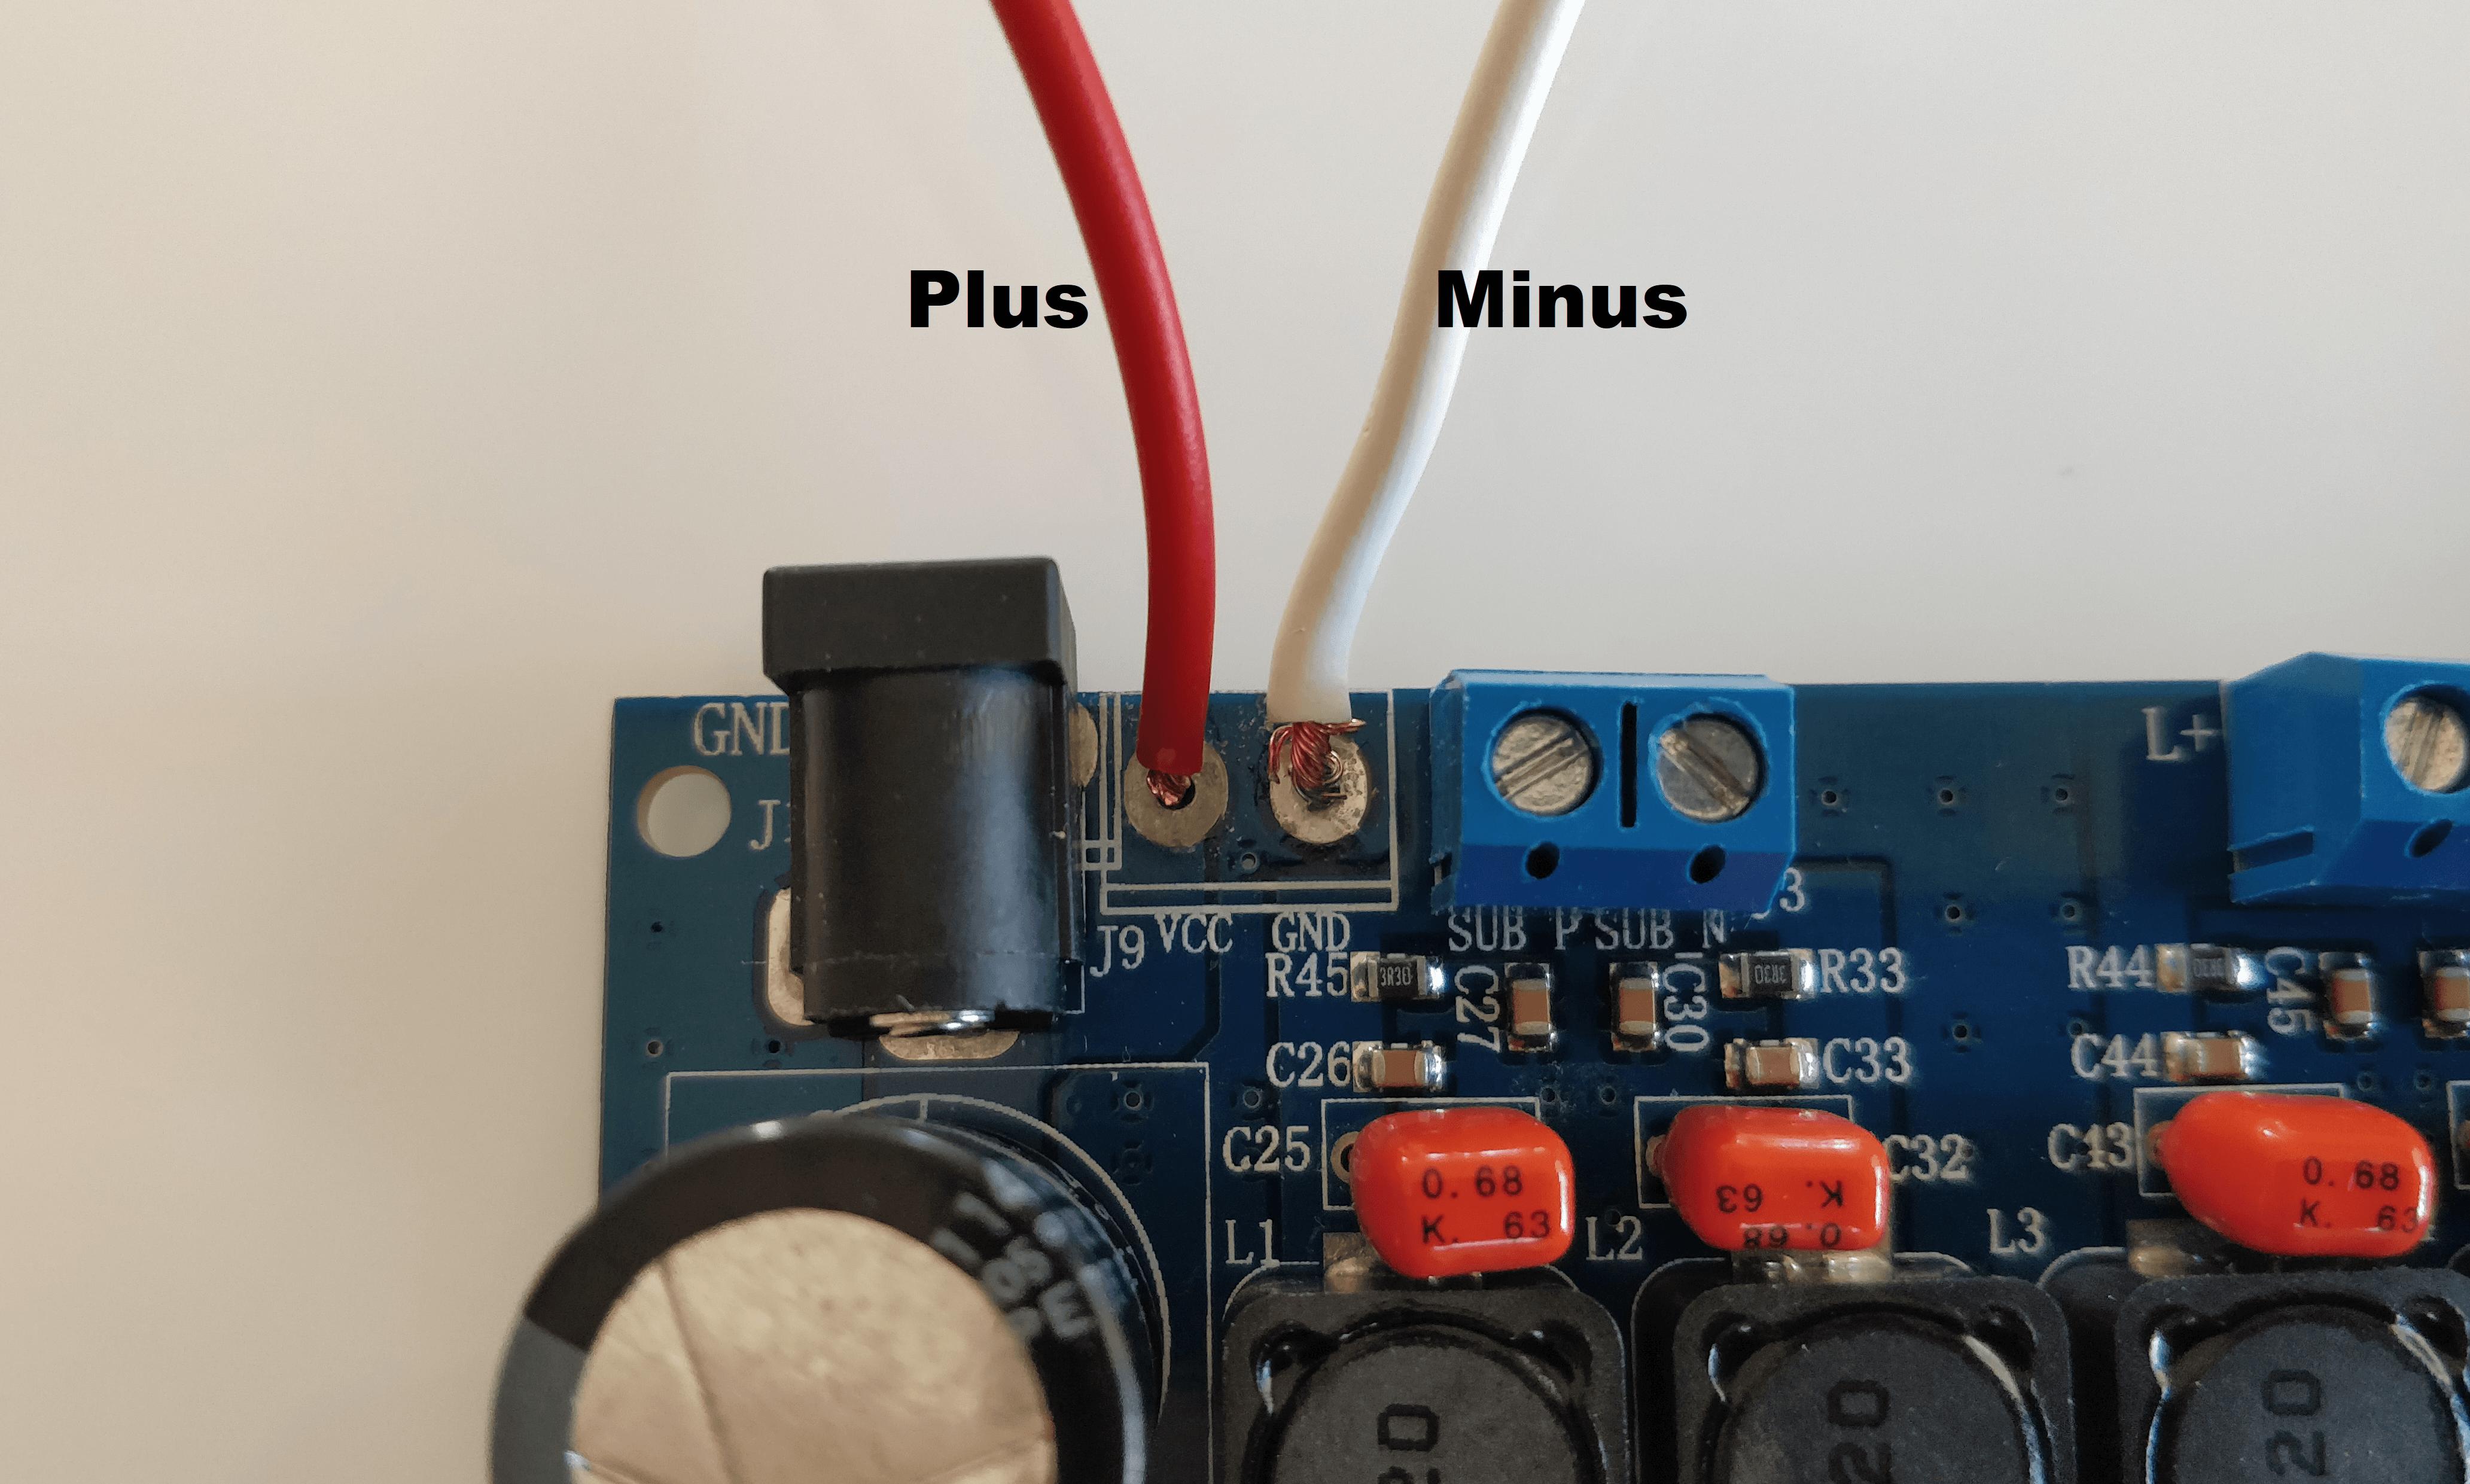 kan du tilslutte to ampere til en kondensator